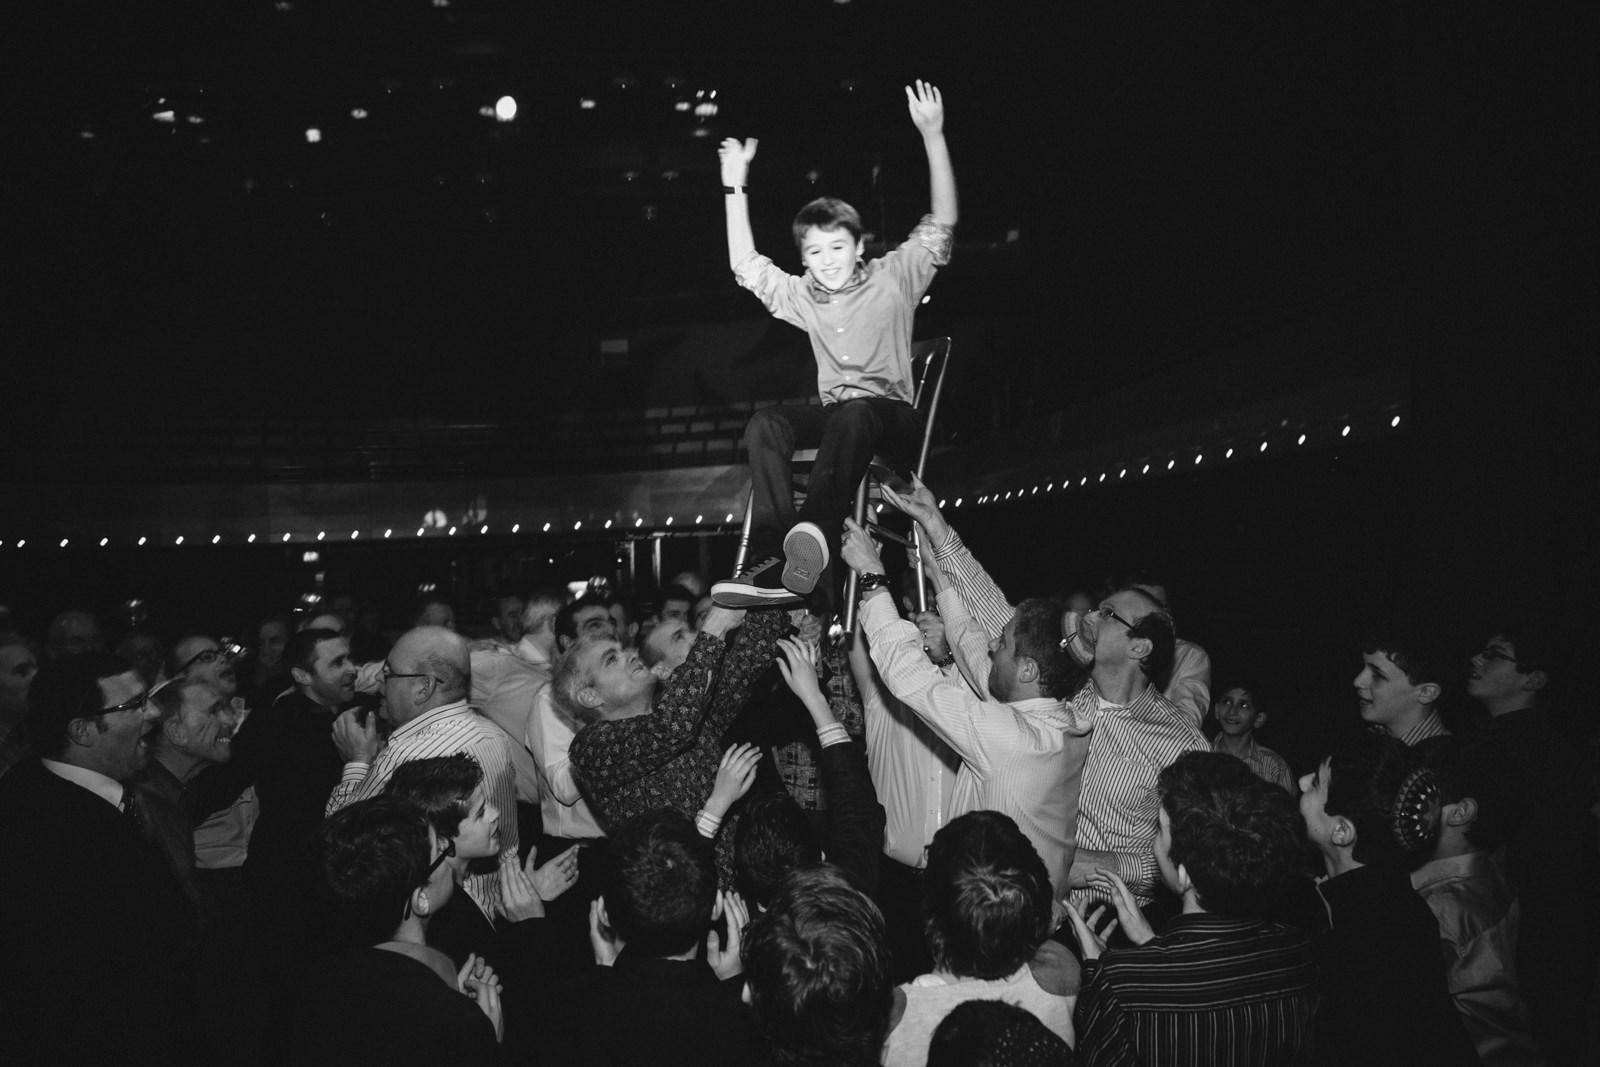 cambridge-event-party-2017-io-011